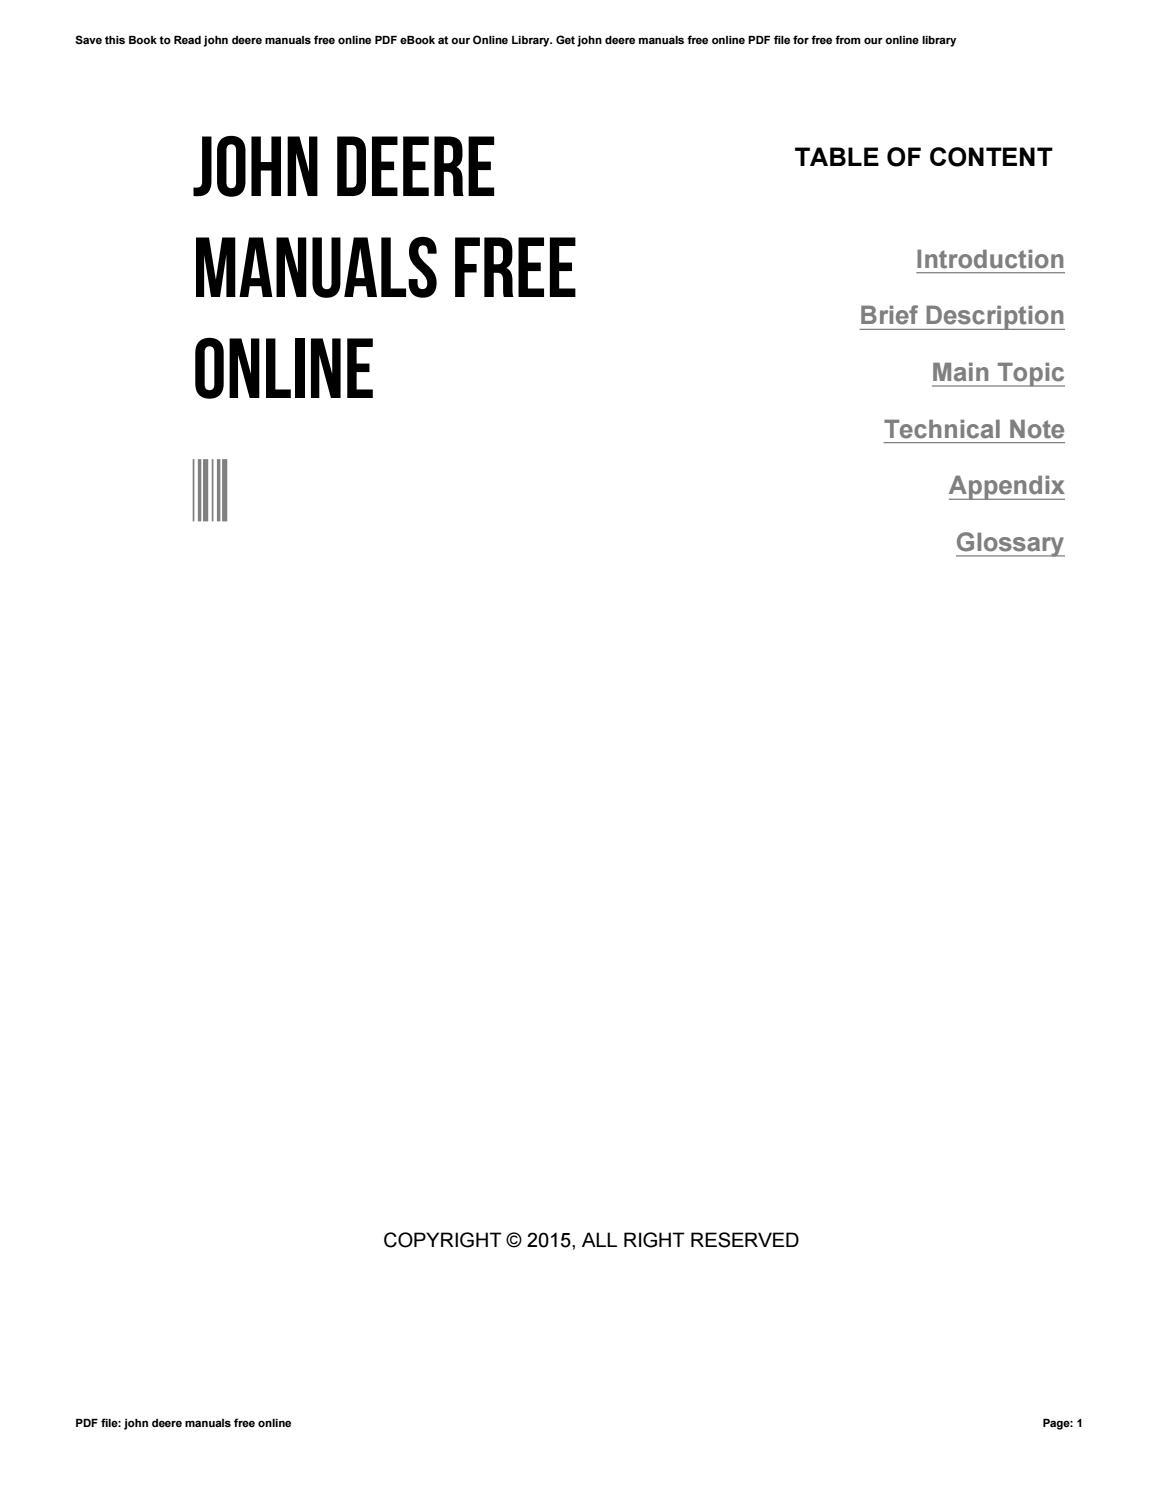 deere manuals